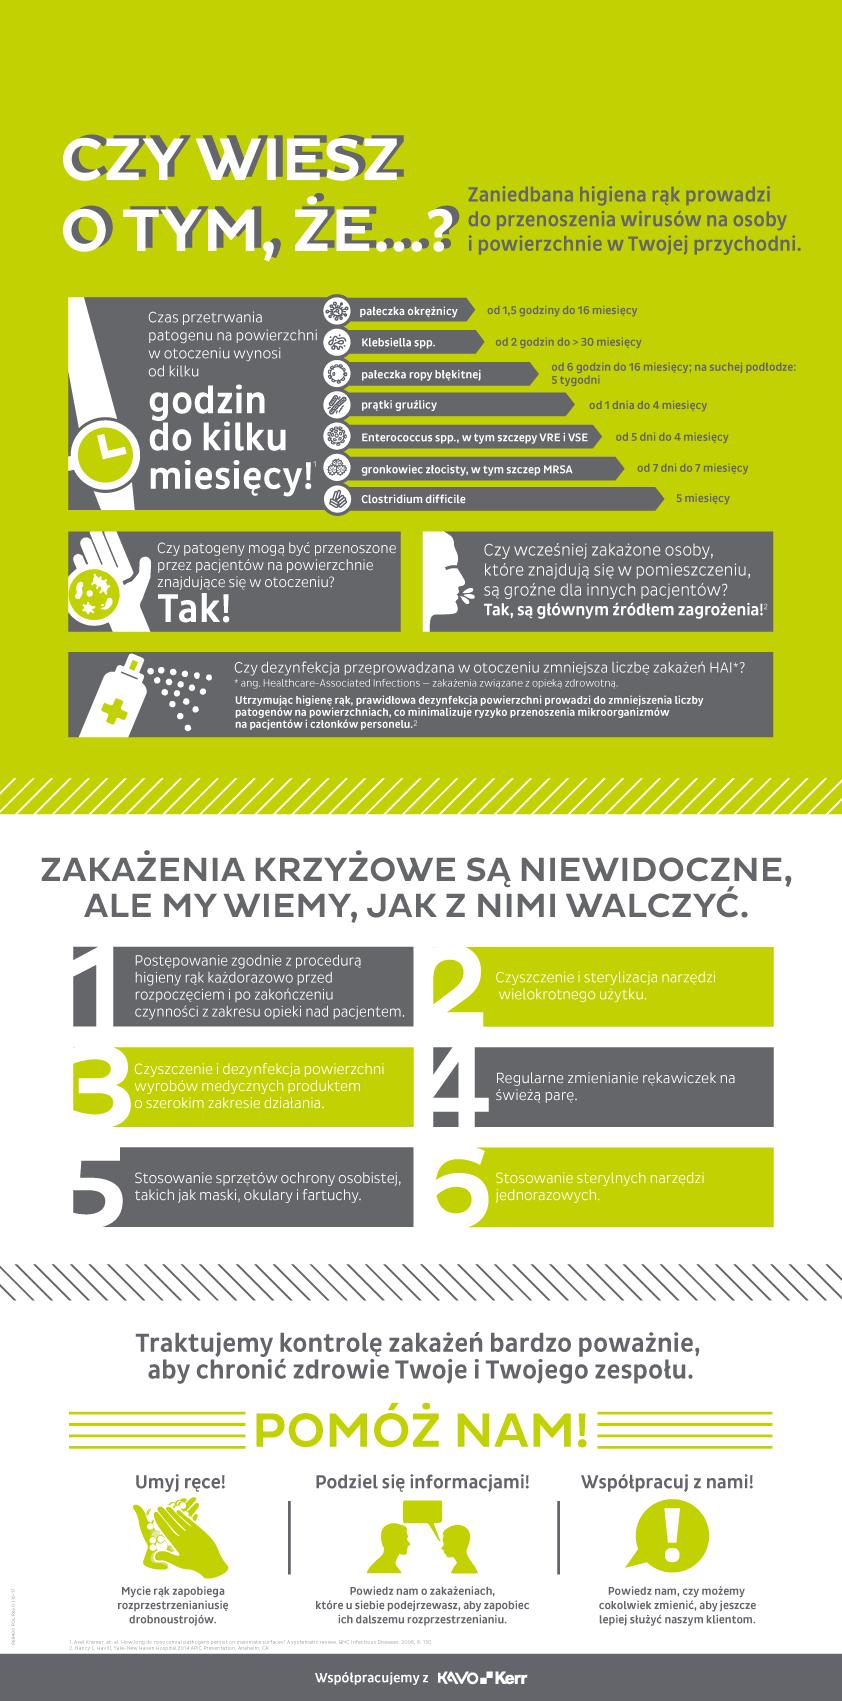 Kavo_Kerr_Poster_PL